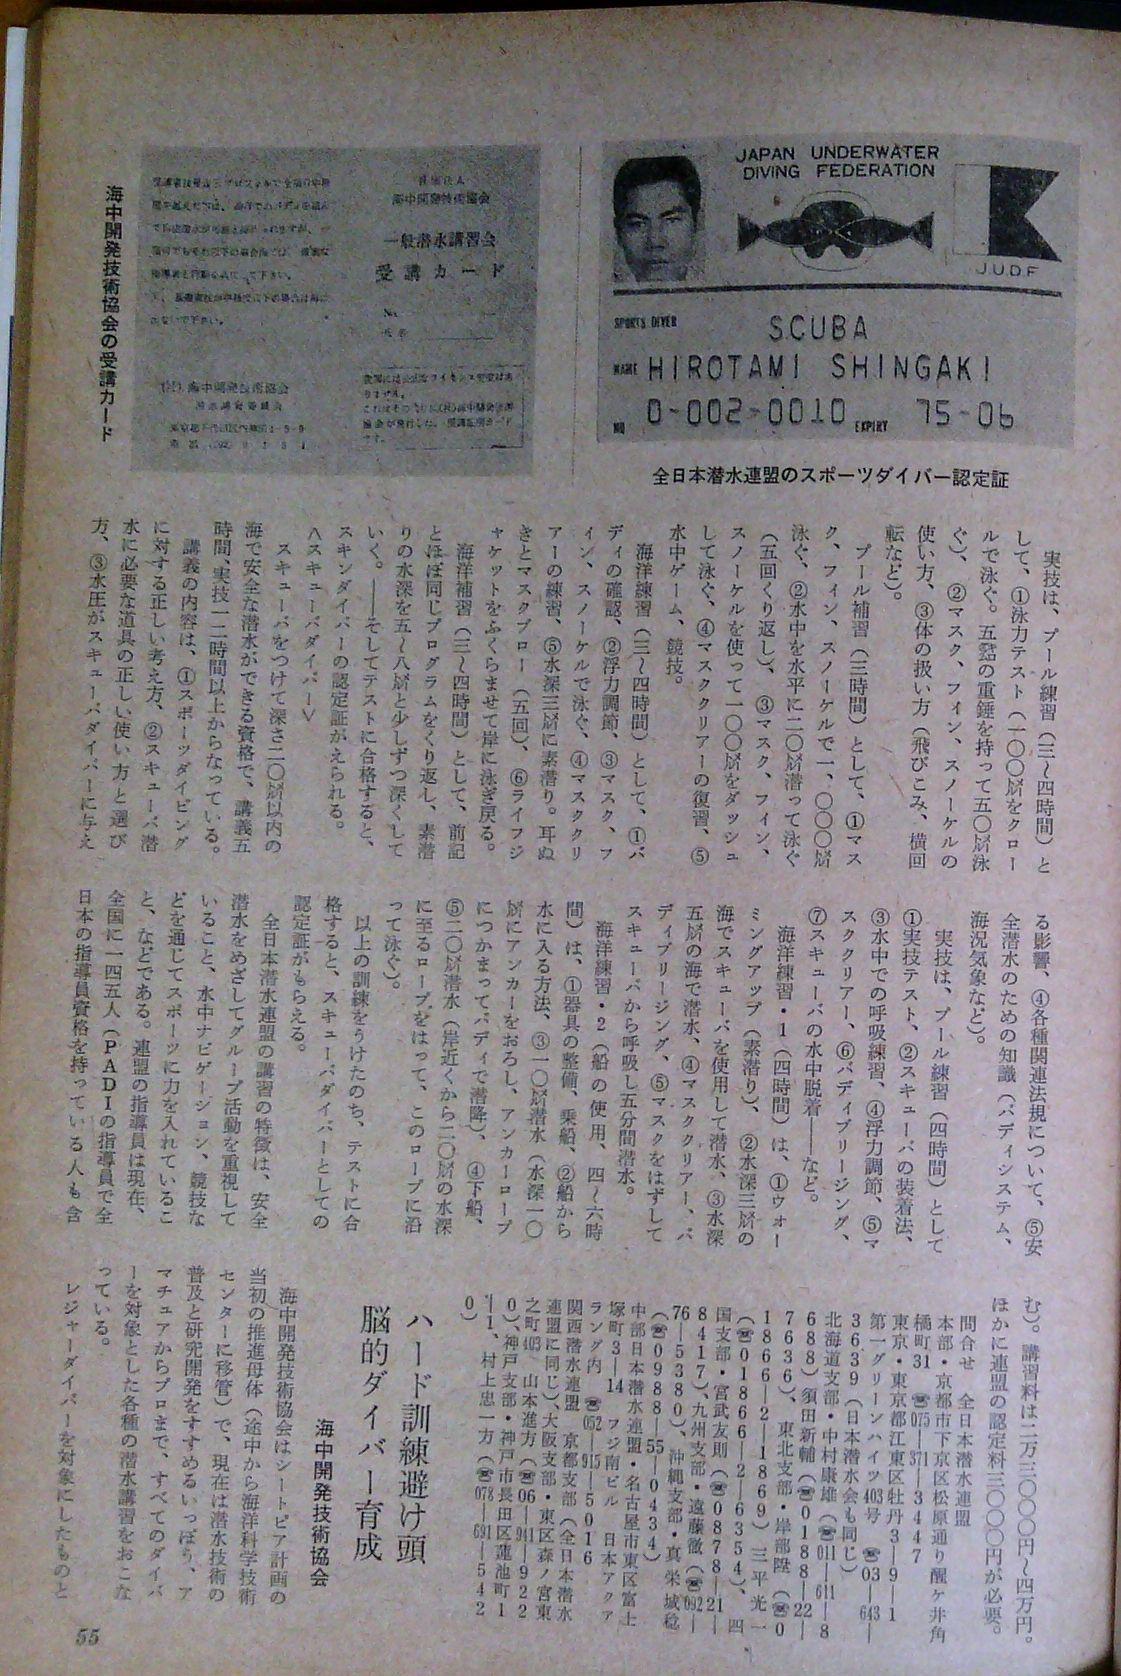 0513 ダイビングの歴史 70 海の世界 1974年 5月_b0075059_13213445.jpg